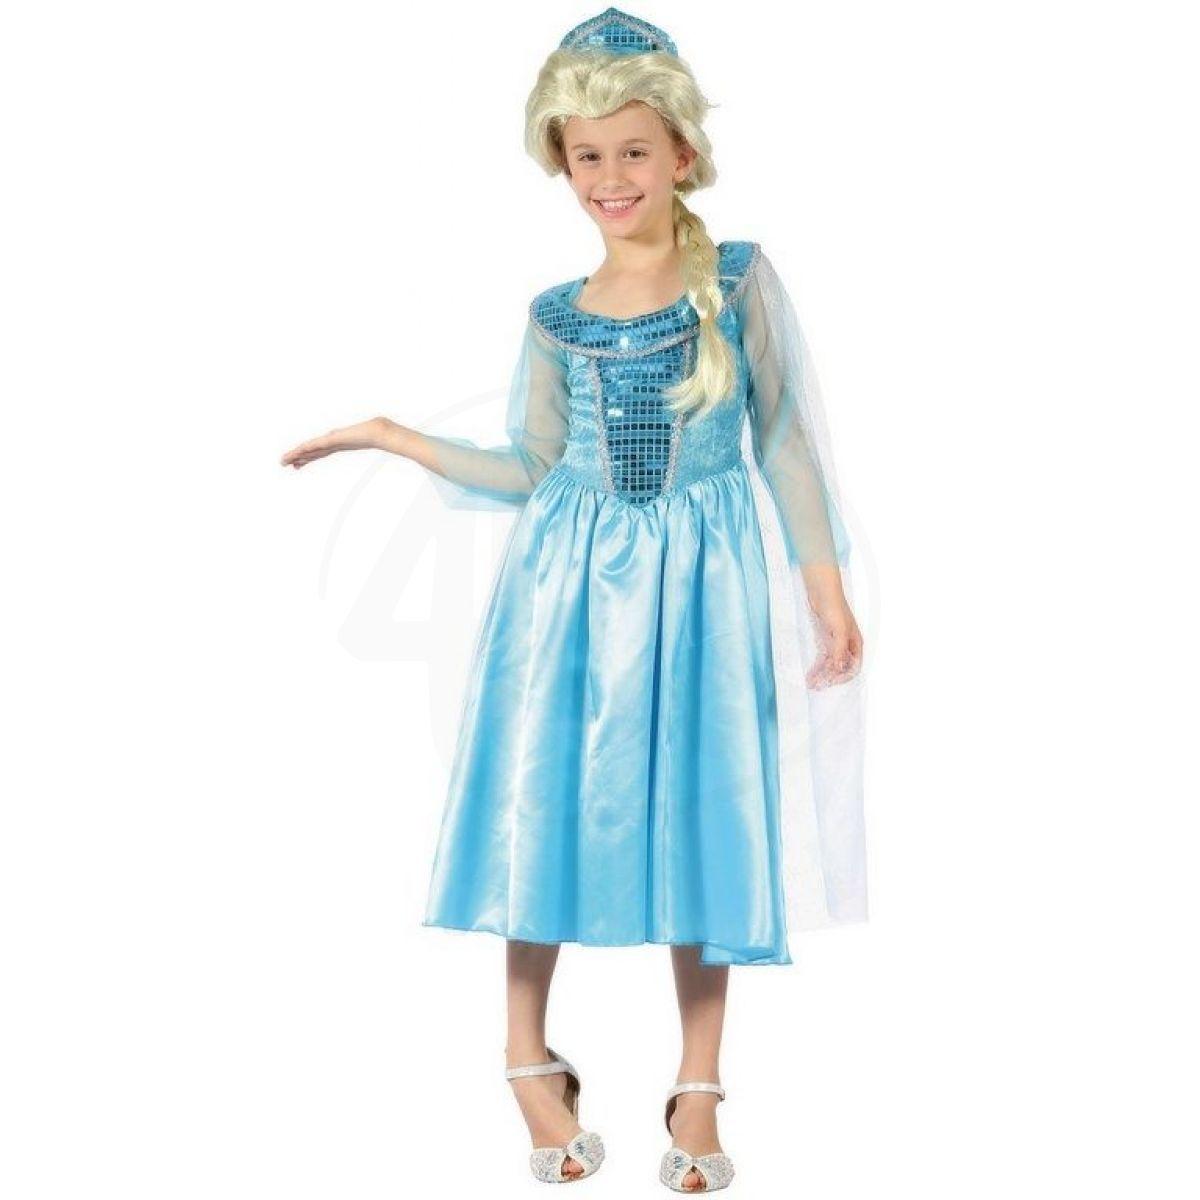 eb75adc3b030 Made Dětský karnevalový kostým Ledová princezna 120 -130 cm